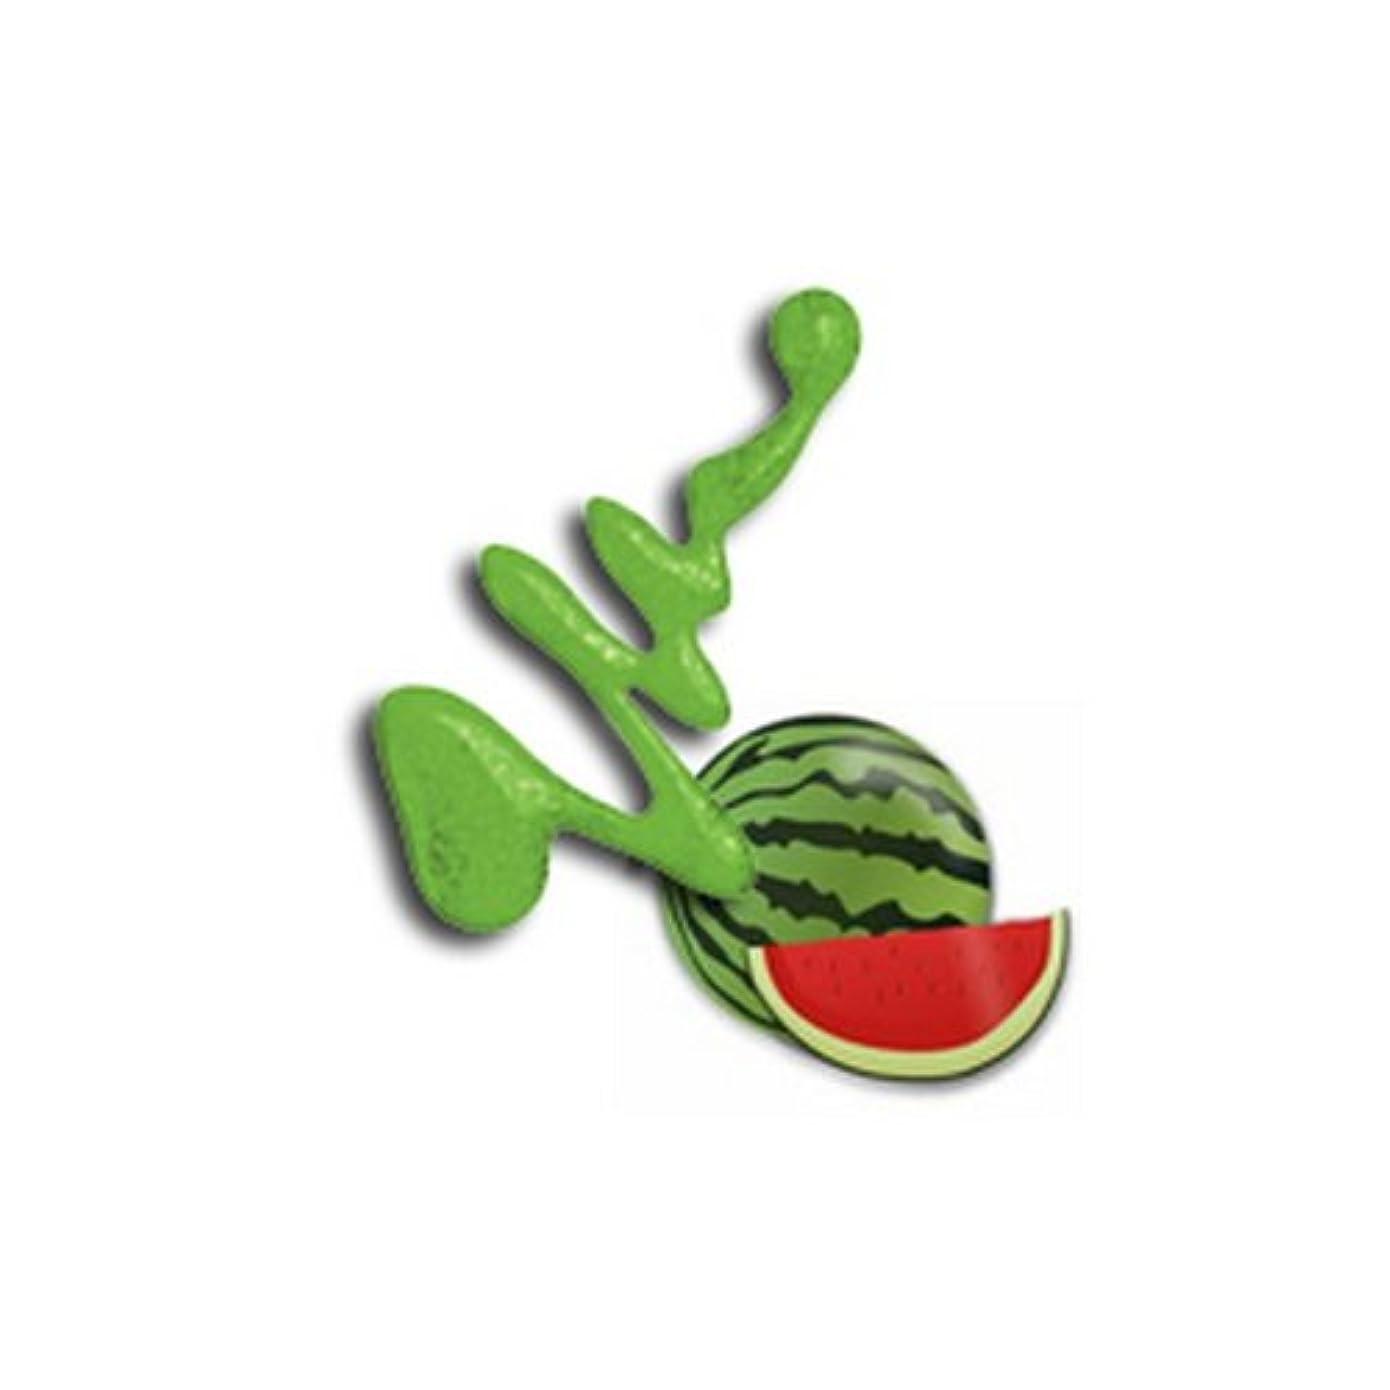 アプローチ歴史家人差し指LA GIRL Fruity Scented Nail Polish - Watermelon Splash (並行輸入品)